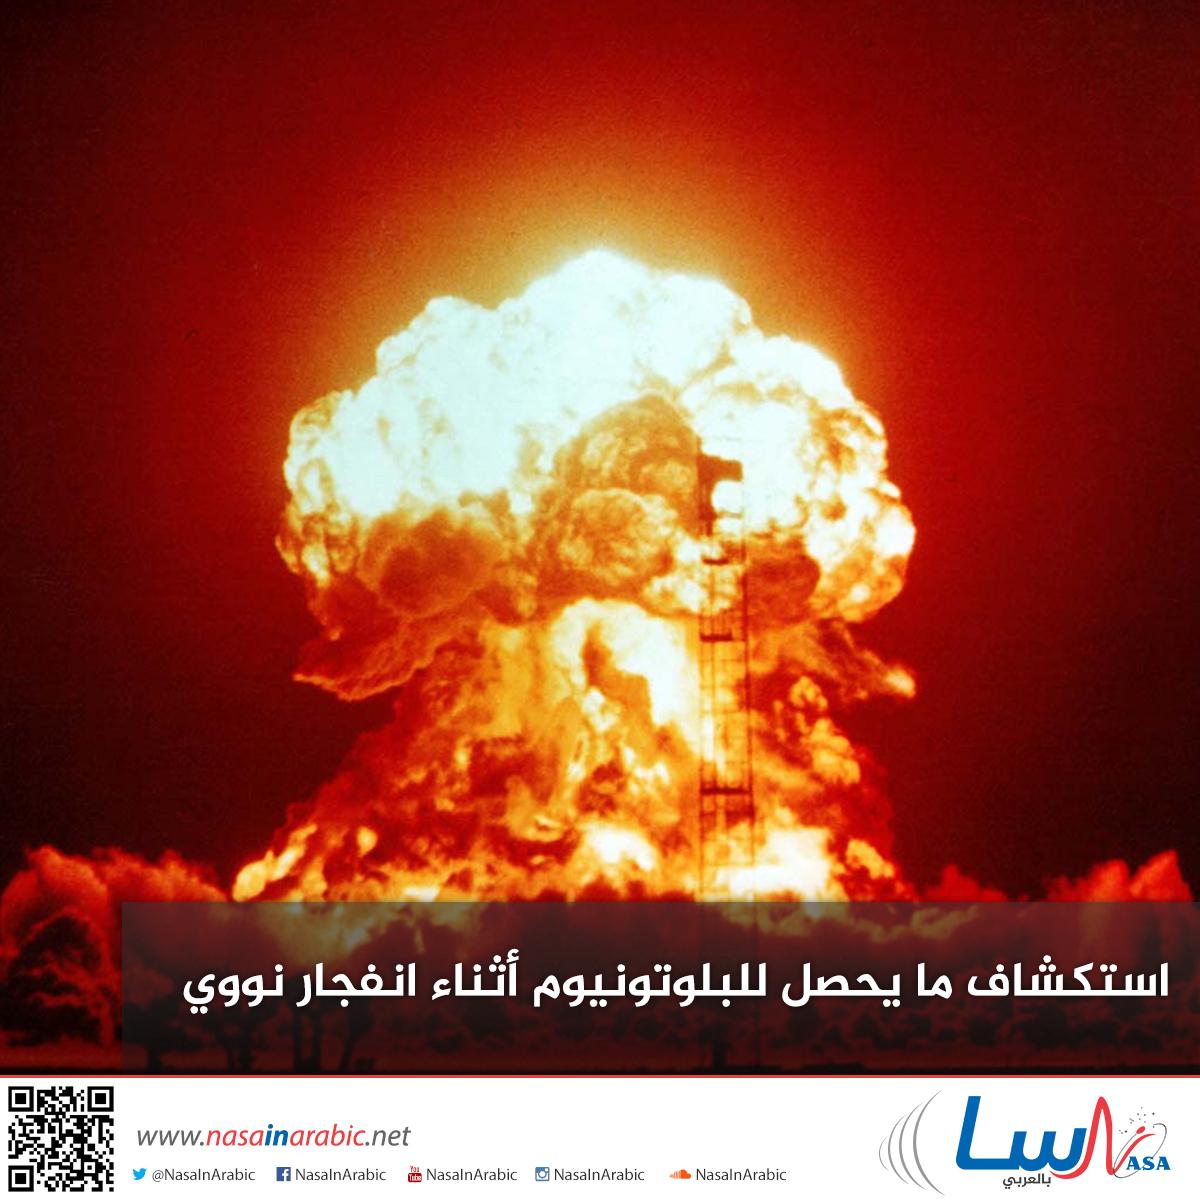 استكشاف ما يحصل للبلوتونيوم أثناء انفجار نووي